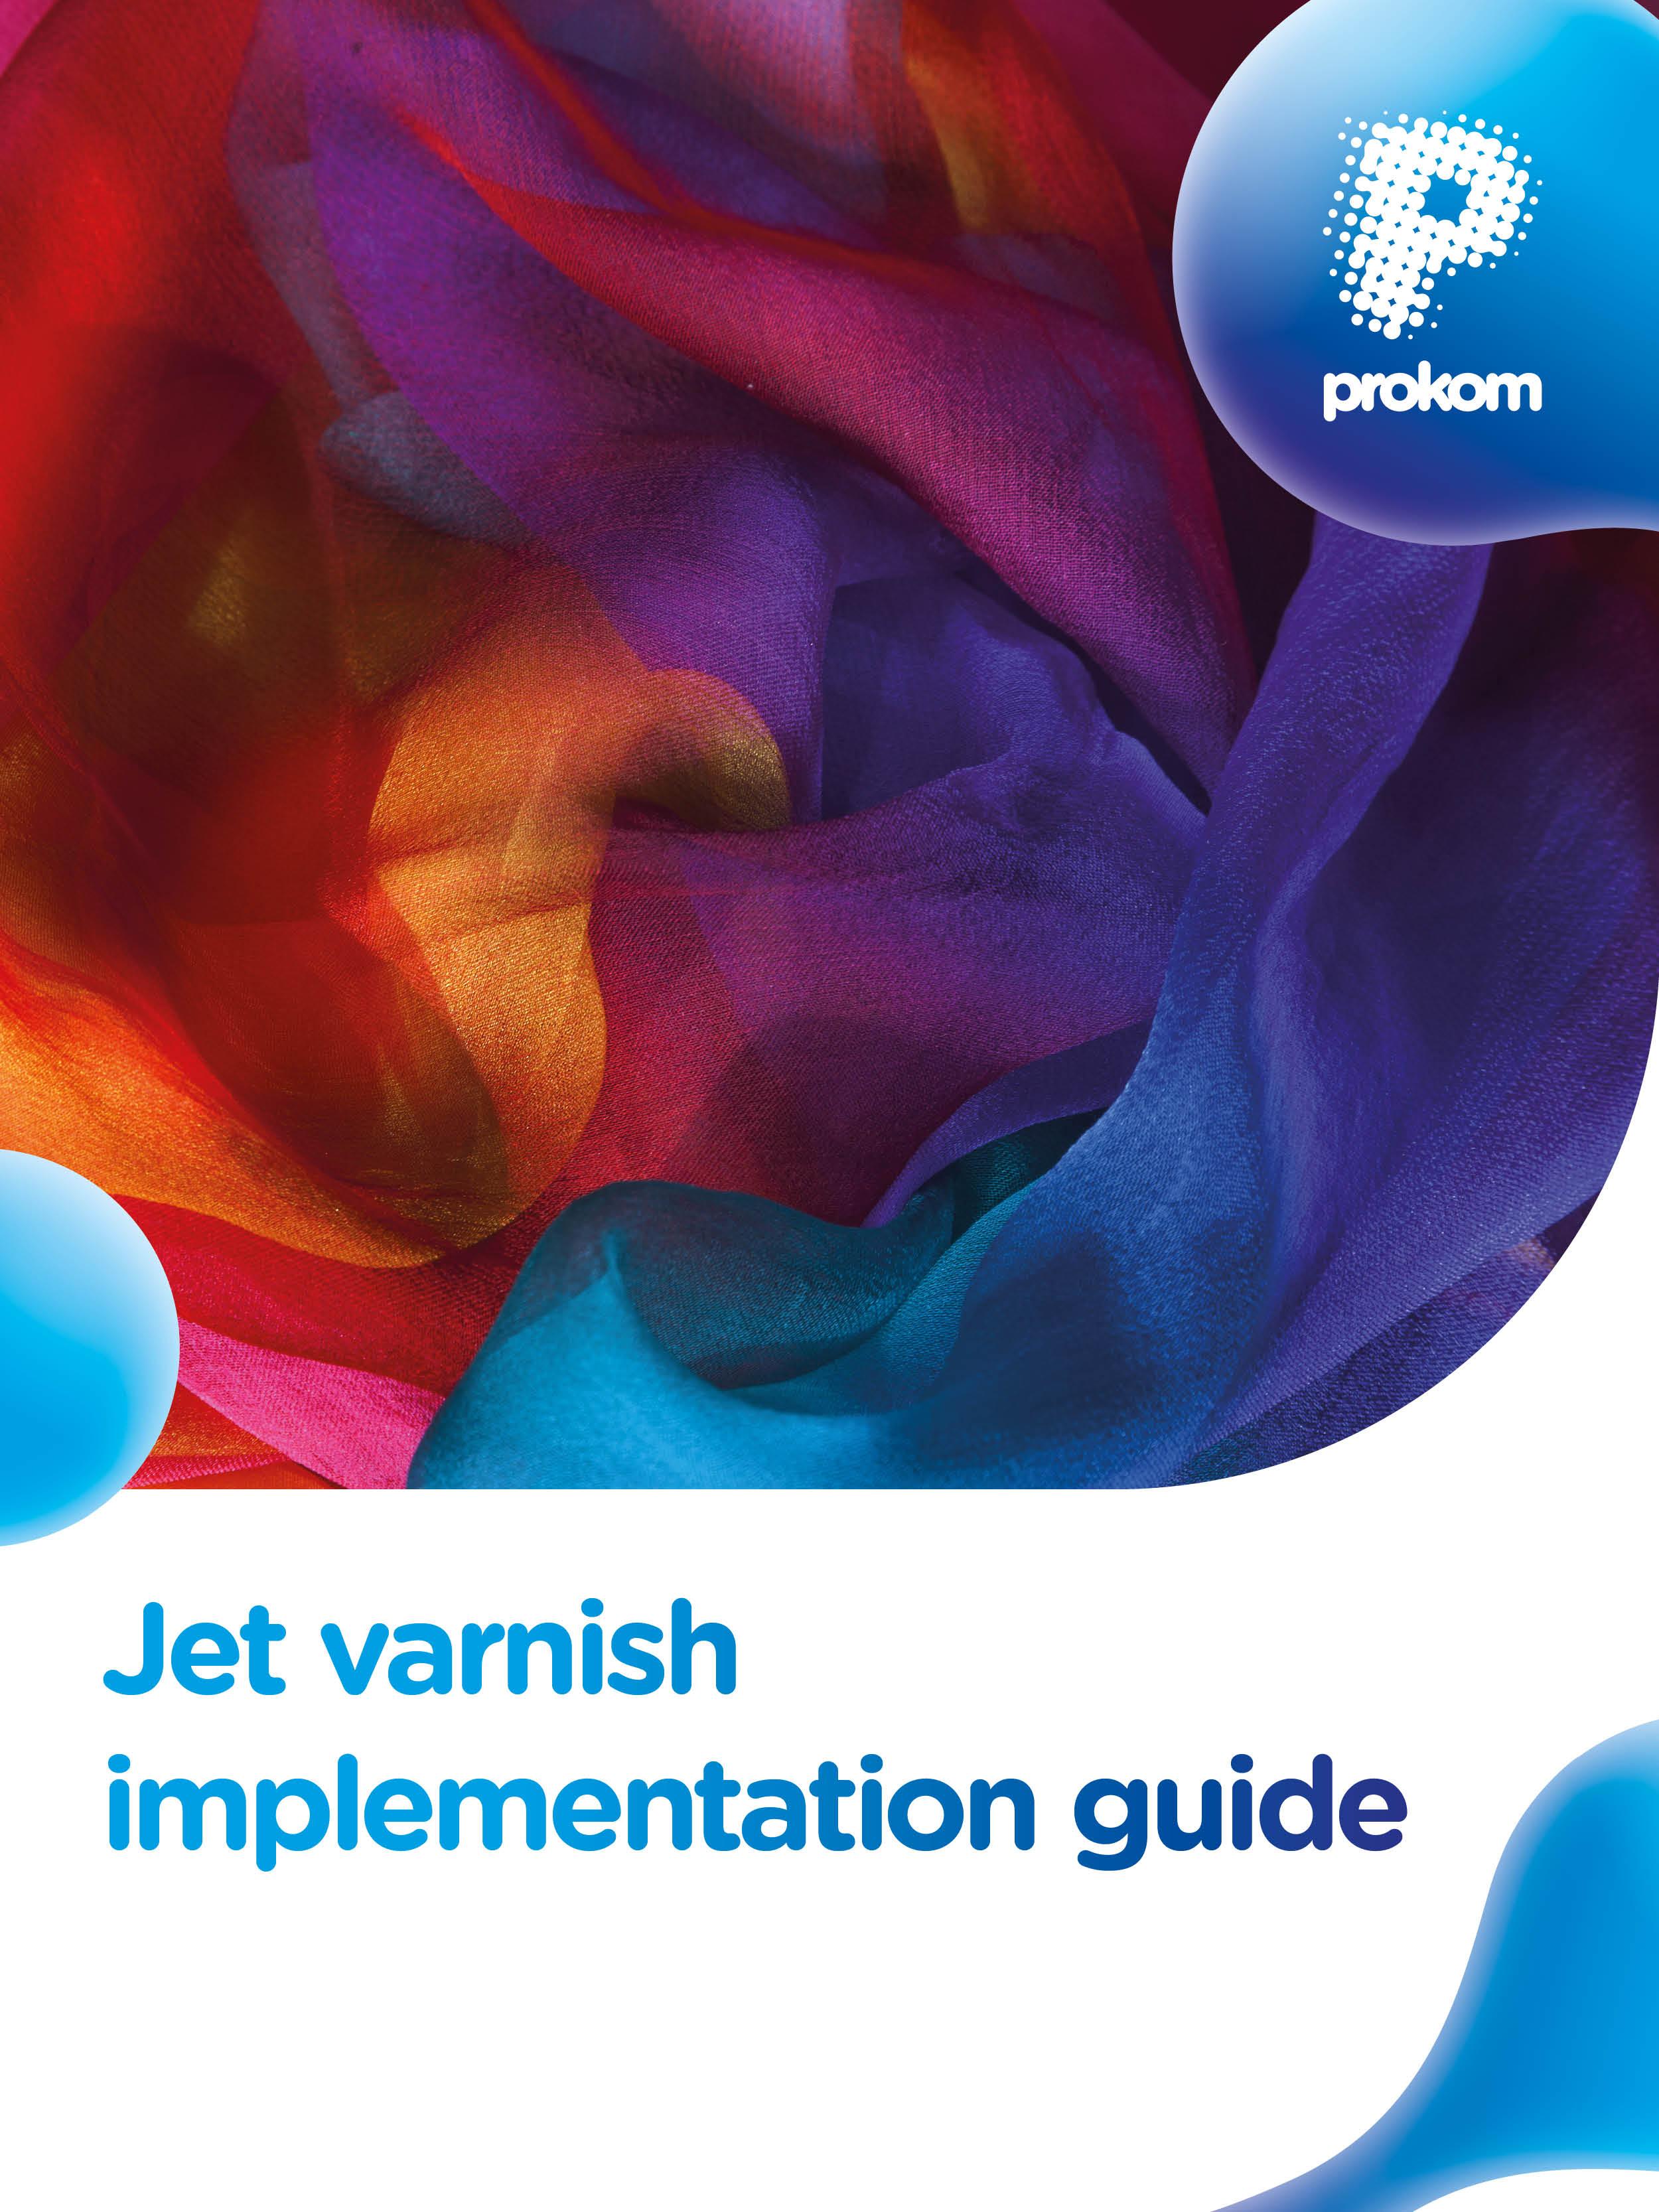 JetPro - Jet varnish implementation guide image